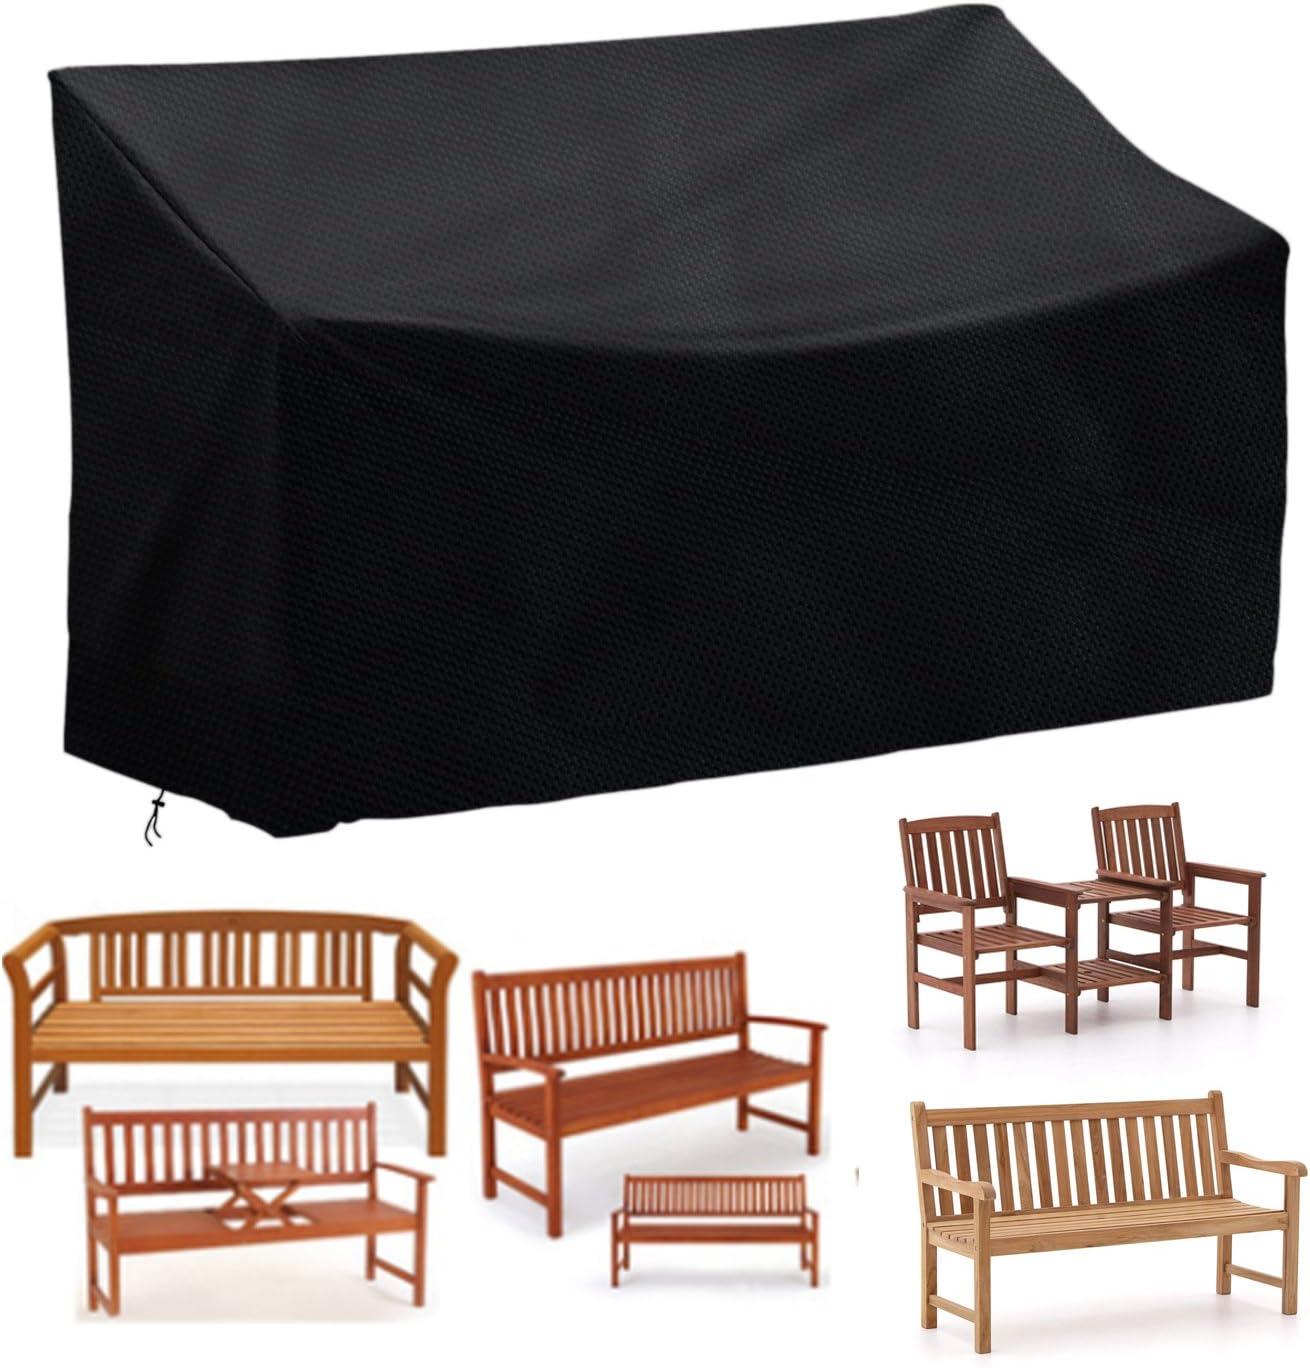 Vzesok Housse de Protection pour Banc 2 Places Couverture Imperm/éable avec Accoudoires Droits 420D Oxford Polyester Noir